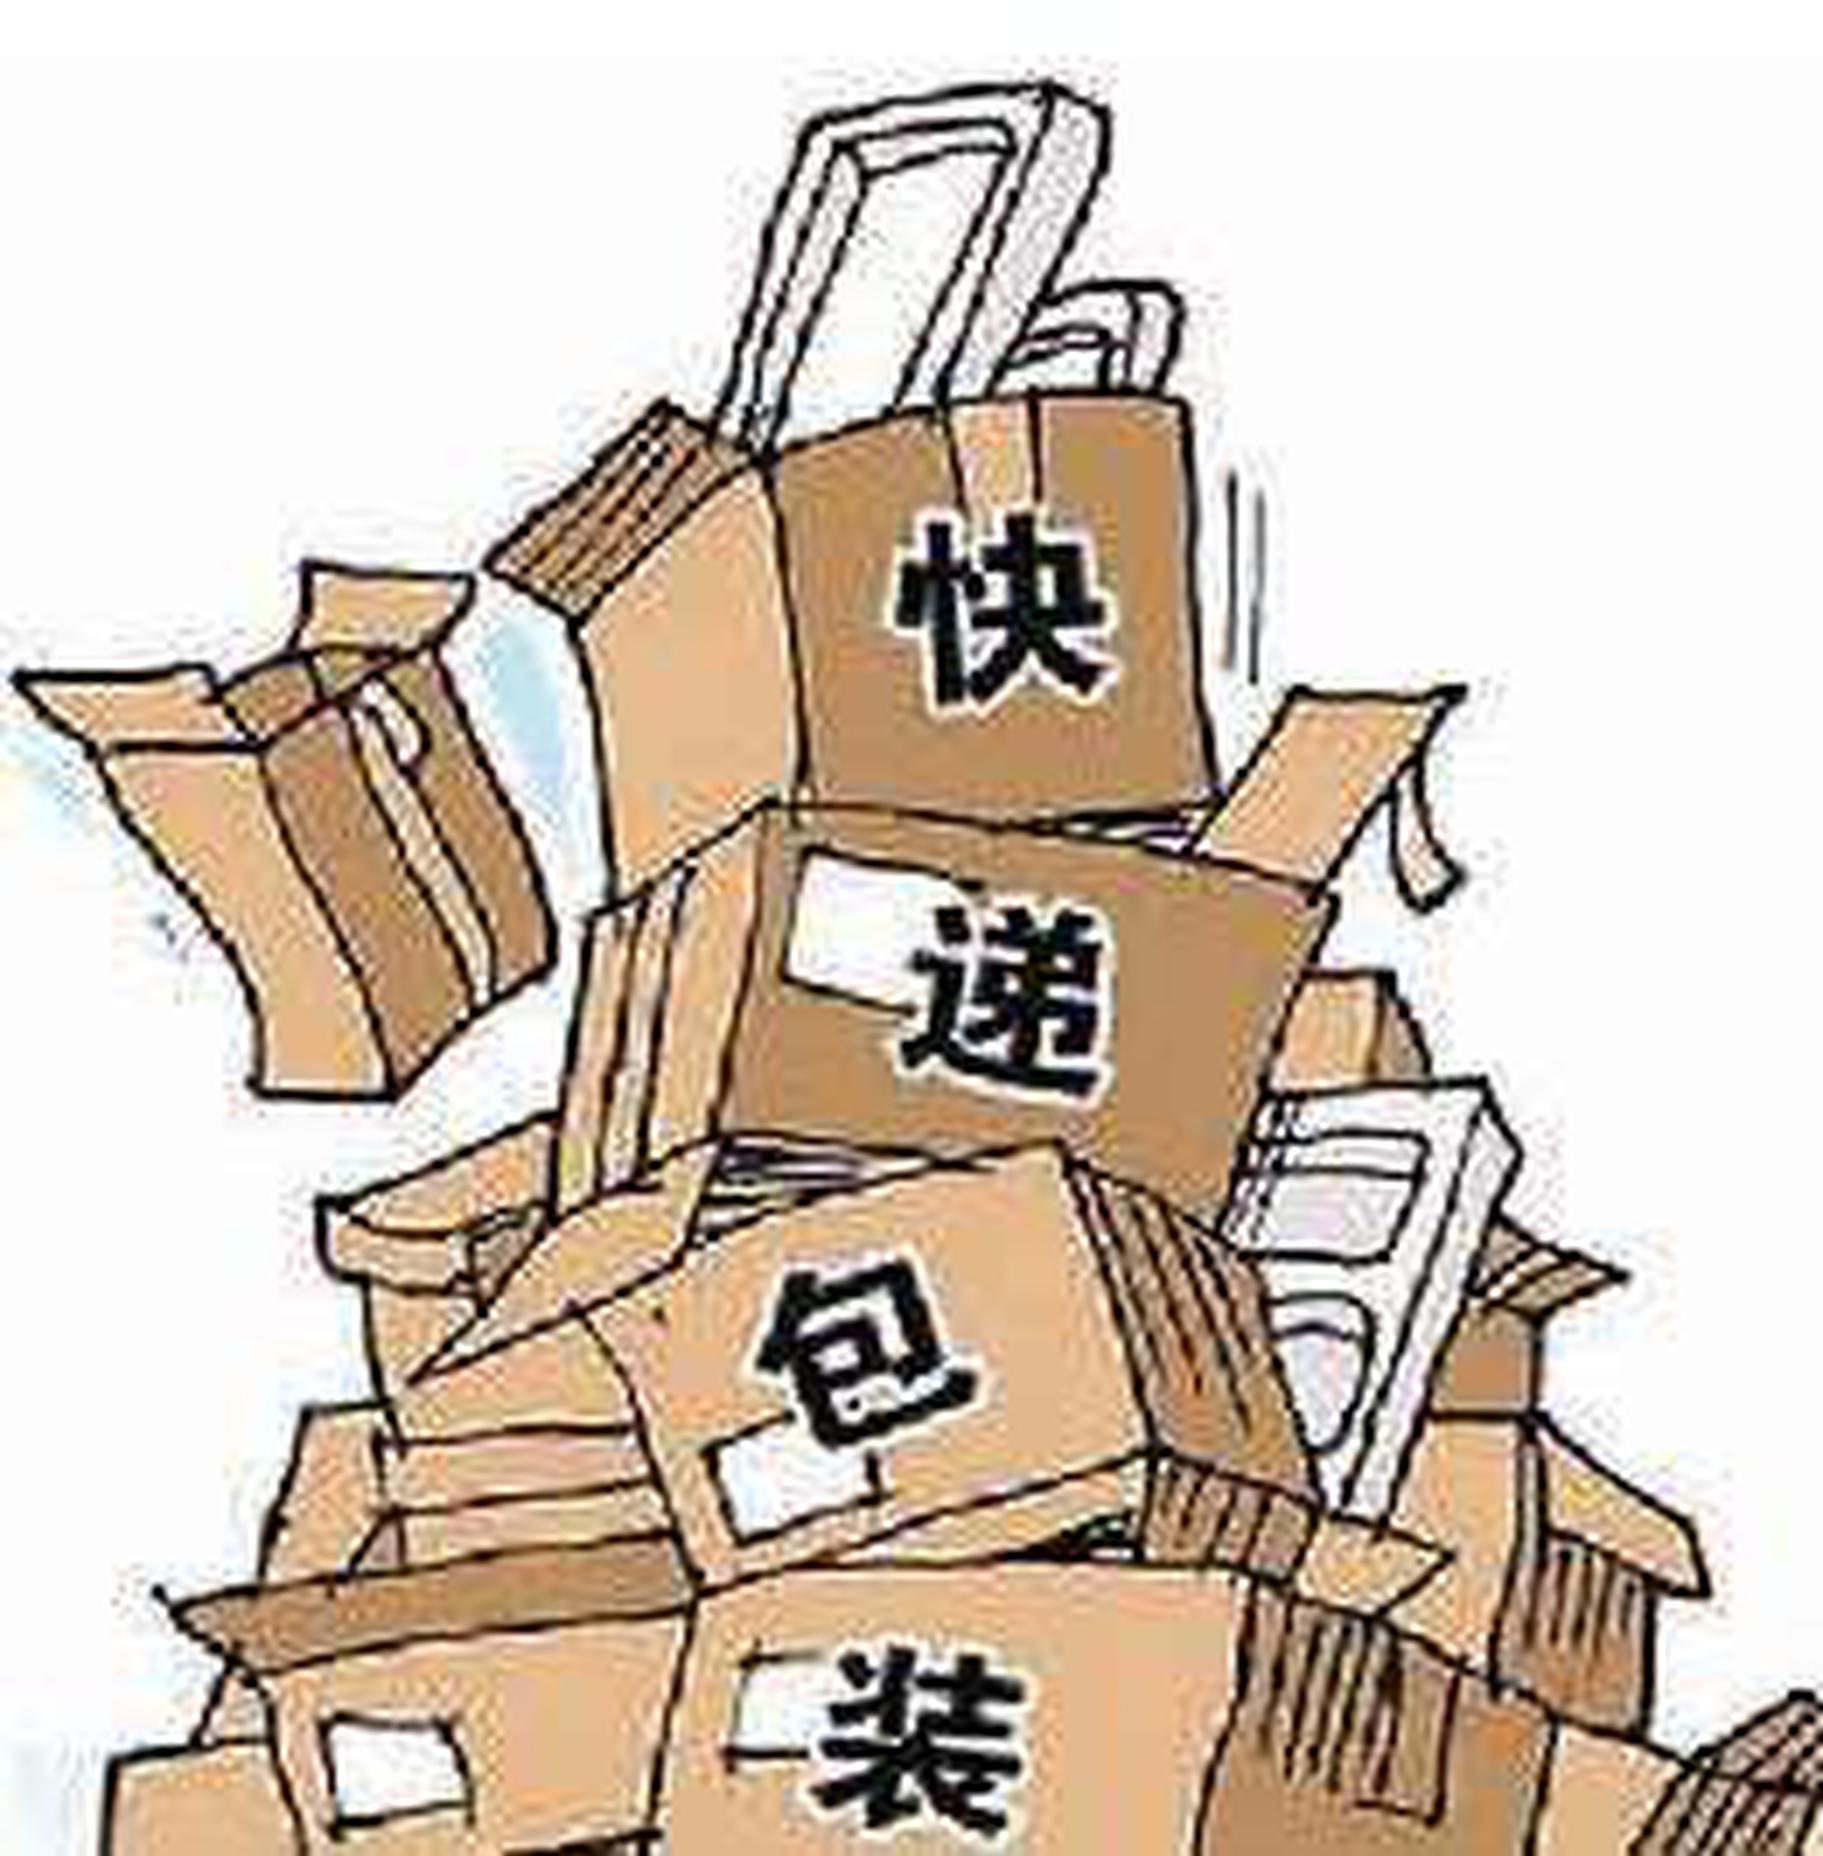 山西多部门将把快递包装治理纳入塑料污染治理体系